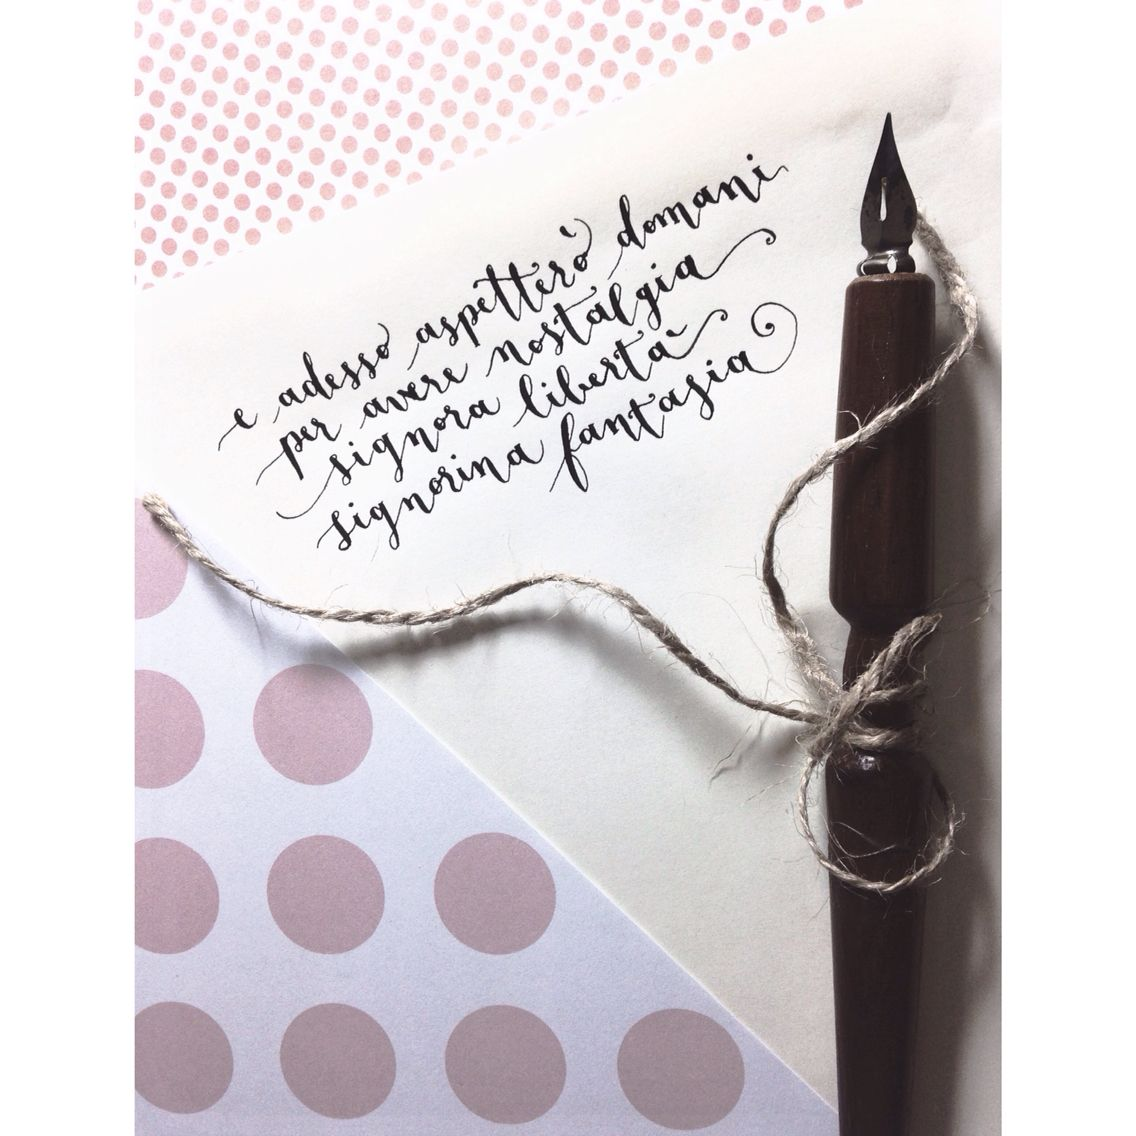 Così preziosa come il vino, così gratis come la tristezza.. Con la tua nuvola di dubbi, e di bellezza.  ❤️  #calligraphy #song #words #coursive #ink #paper